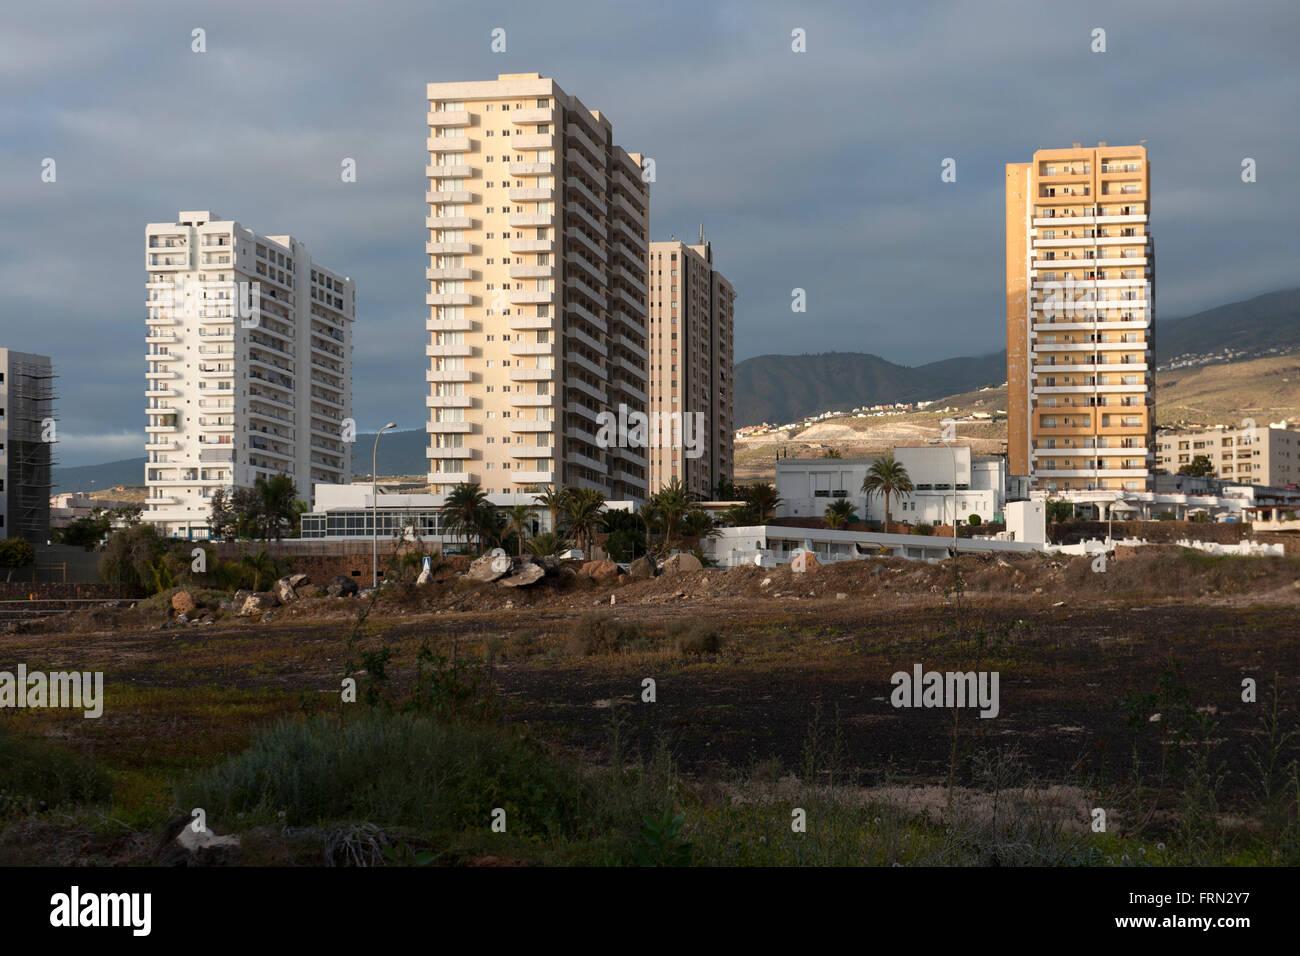 Spanien, Tenerife, Costa Adeje, Playa Paraiso Imagen De Stock